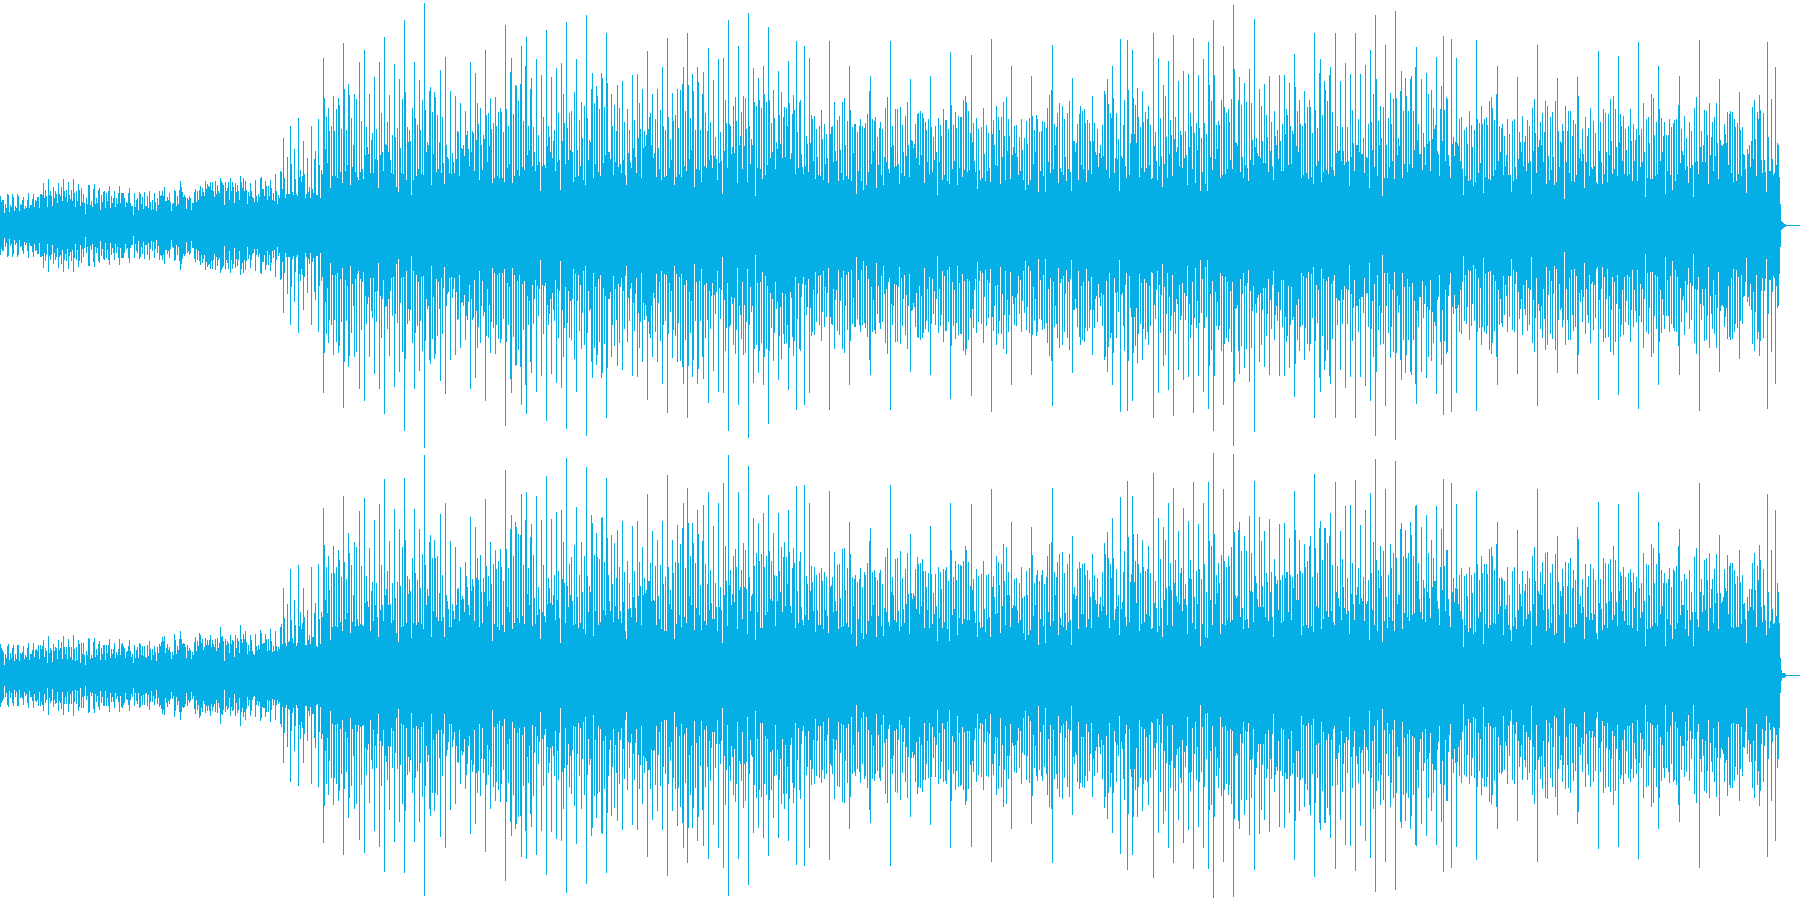 商品、サービス説明動画用BGMの再生済みの波形